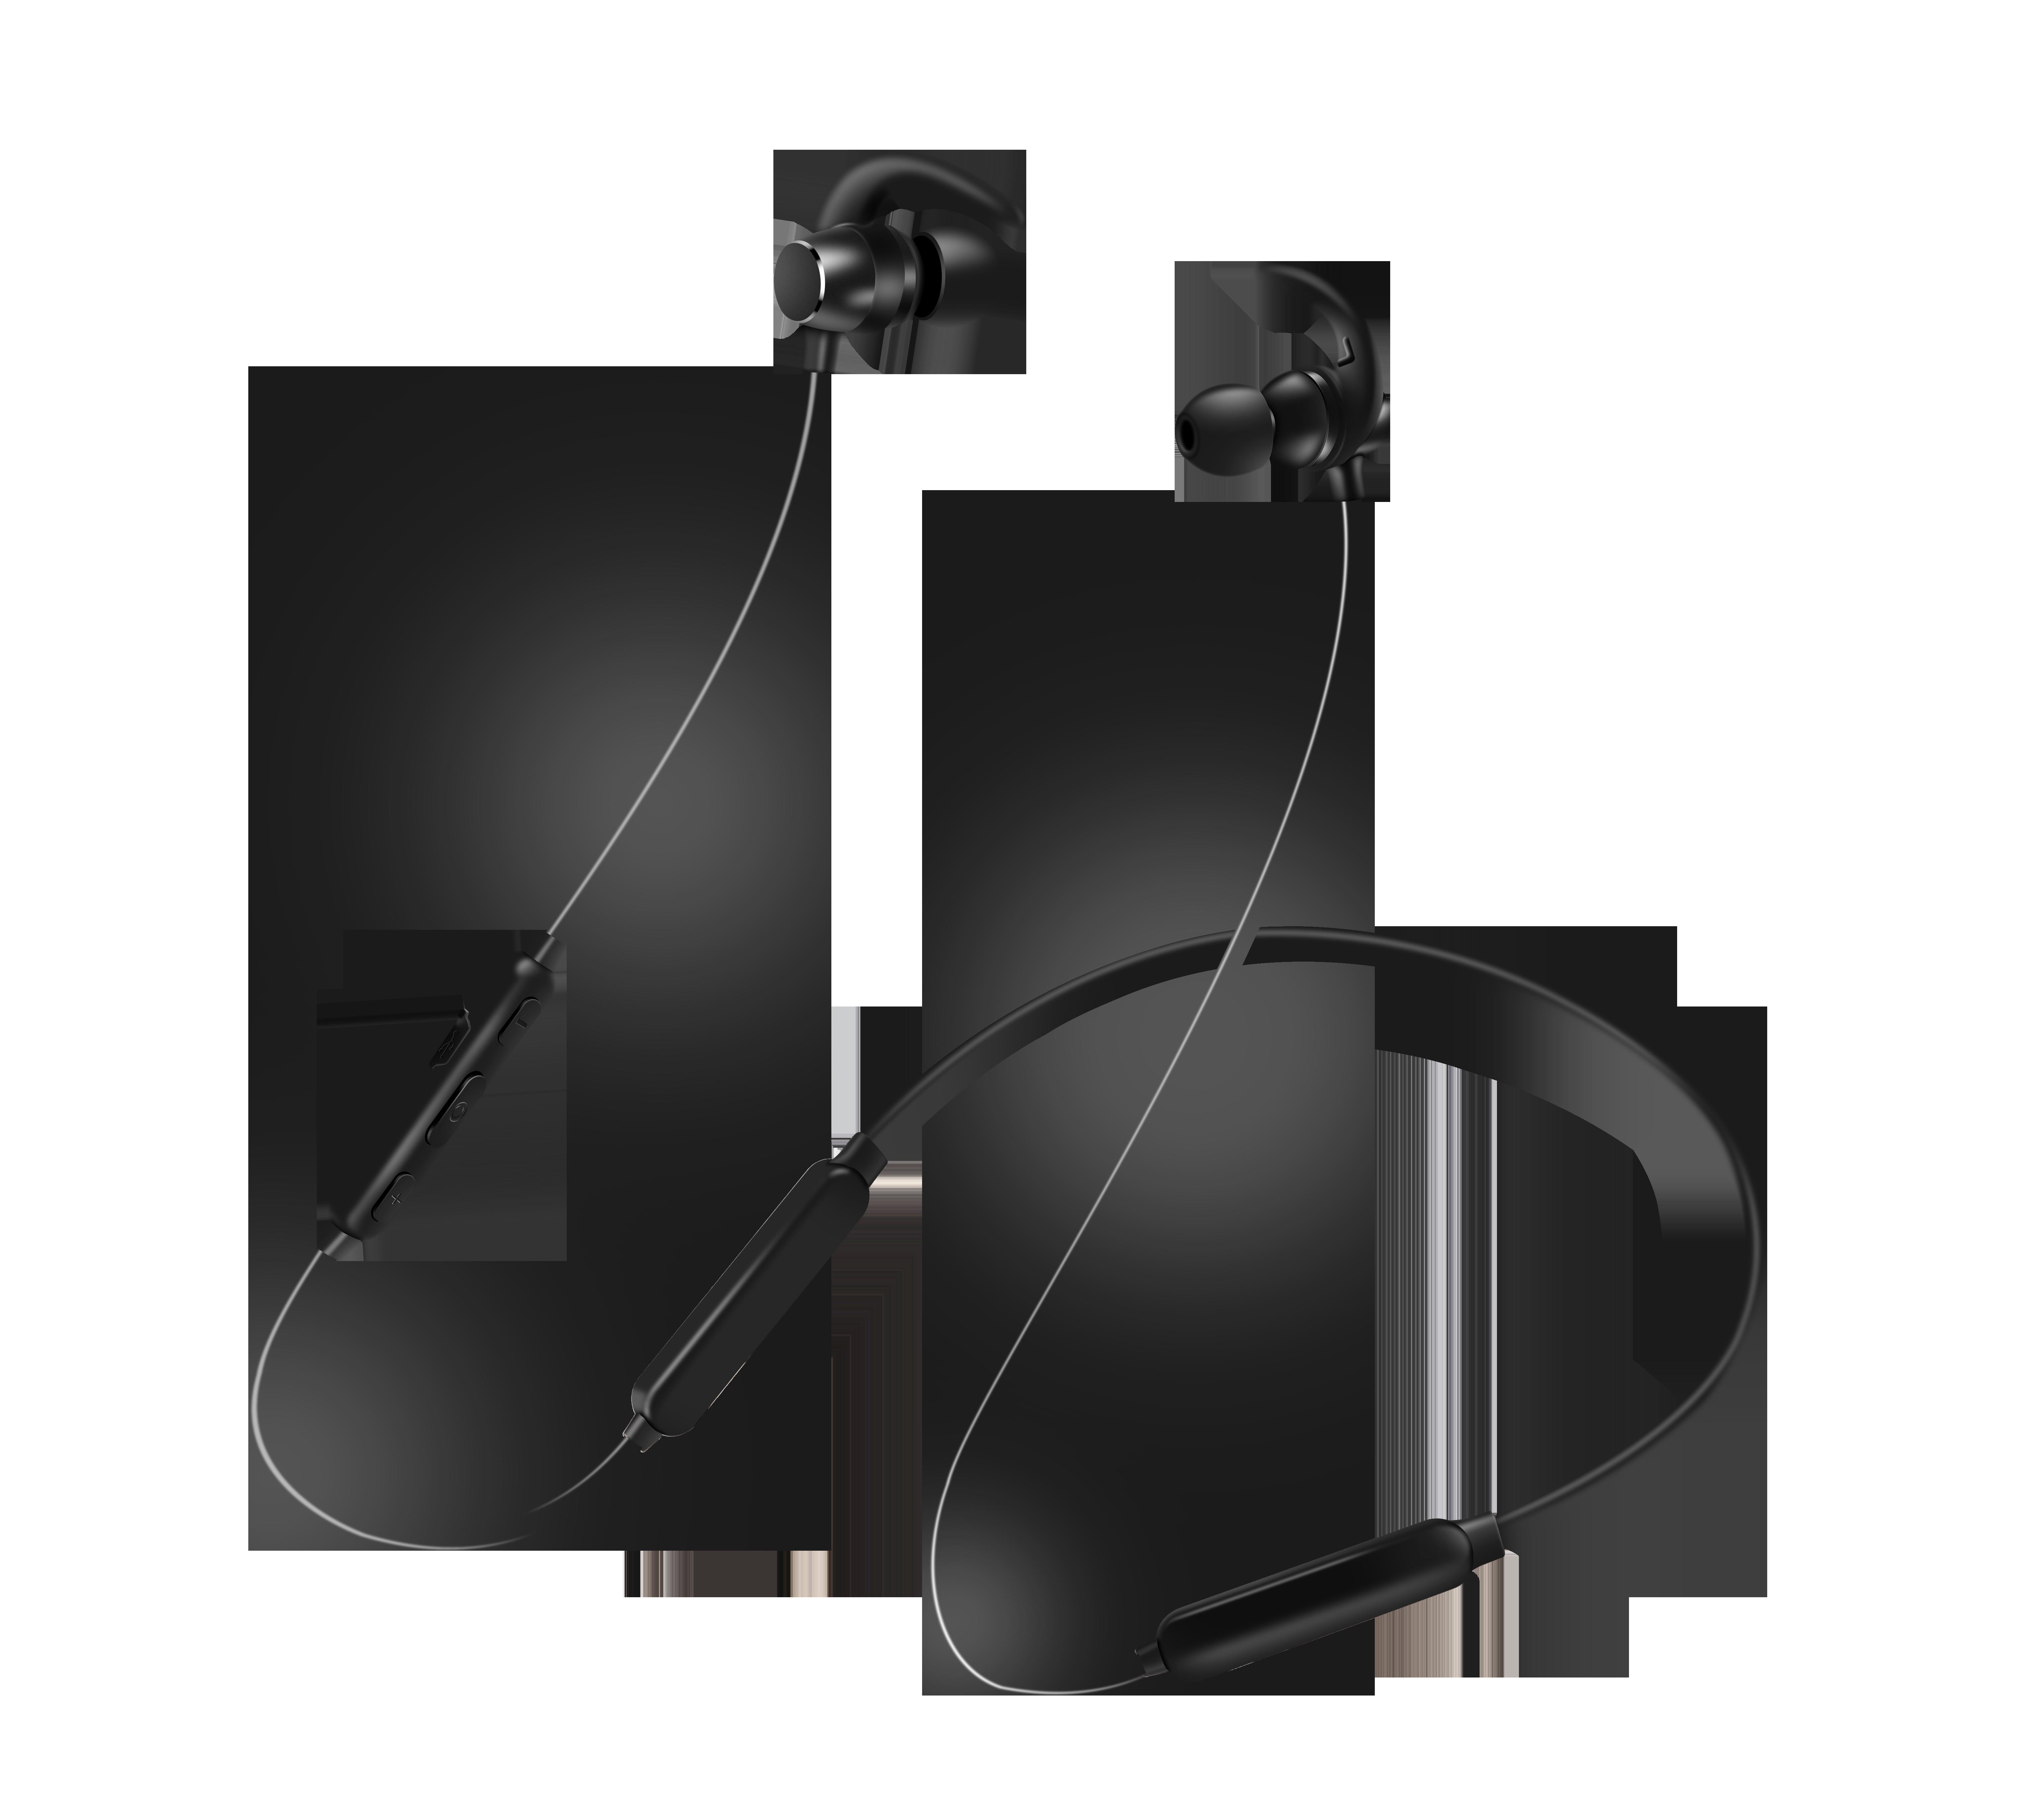 핸즈프리 스포츠 가벼운 이어폰 블루투스, 중국 swift 블루투스 이어폰 도매, 인기있는 이어폰